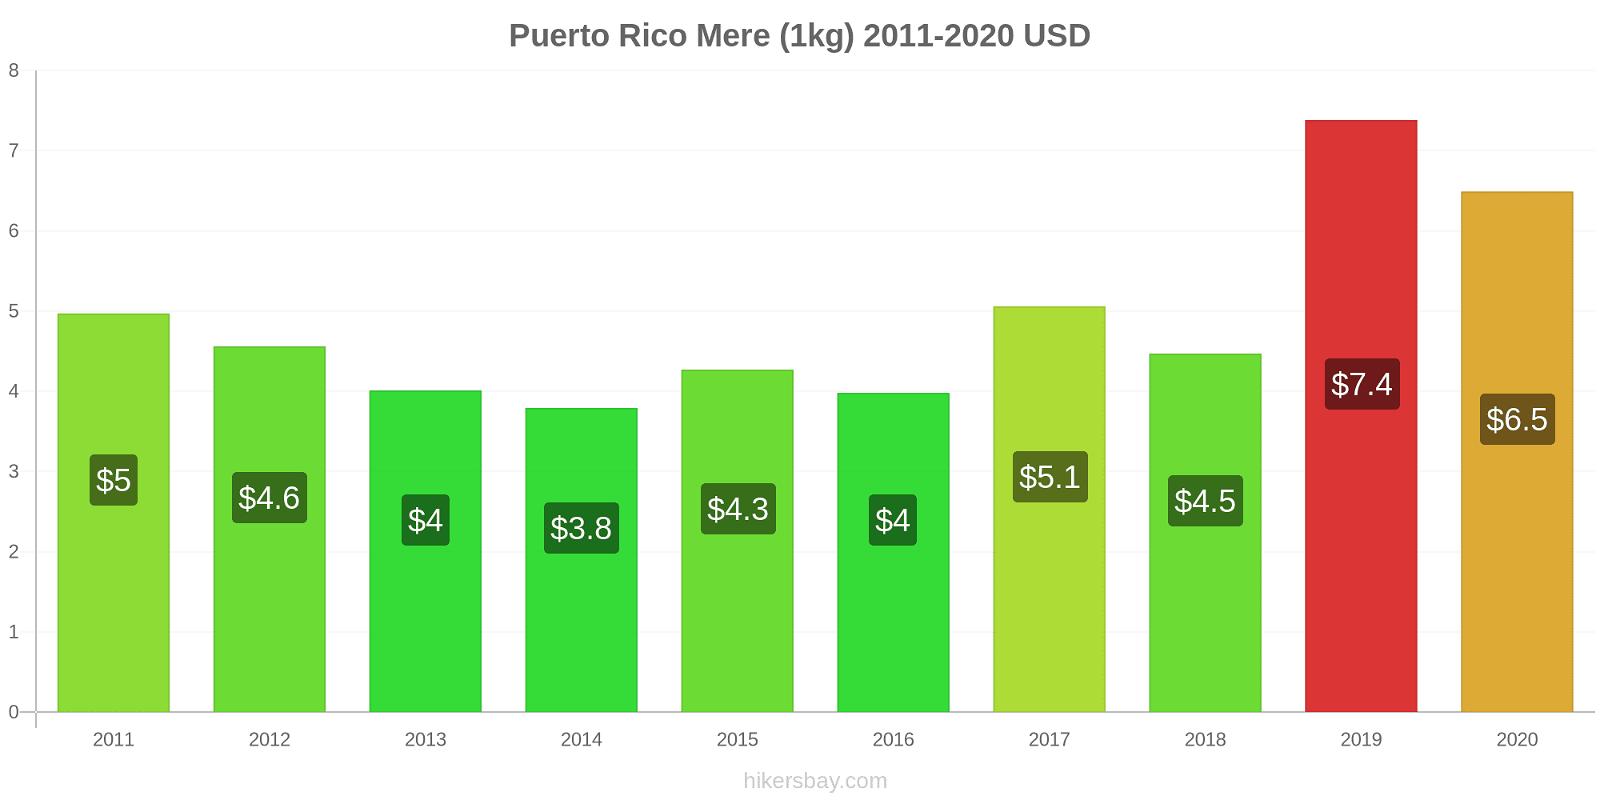 Puerto Rico modificări de preț Mere (1kg) hikersbay.com